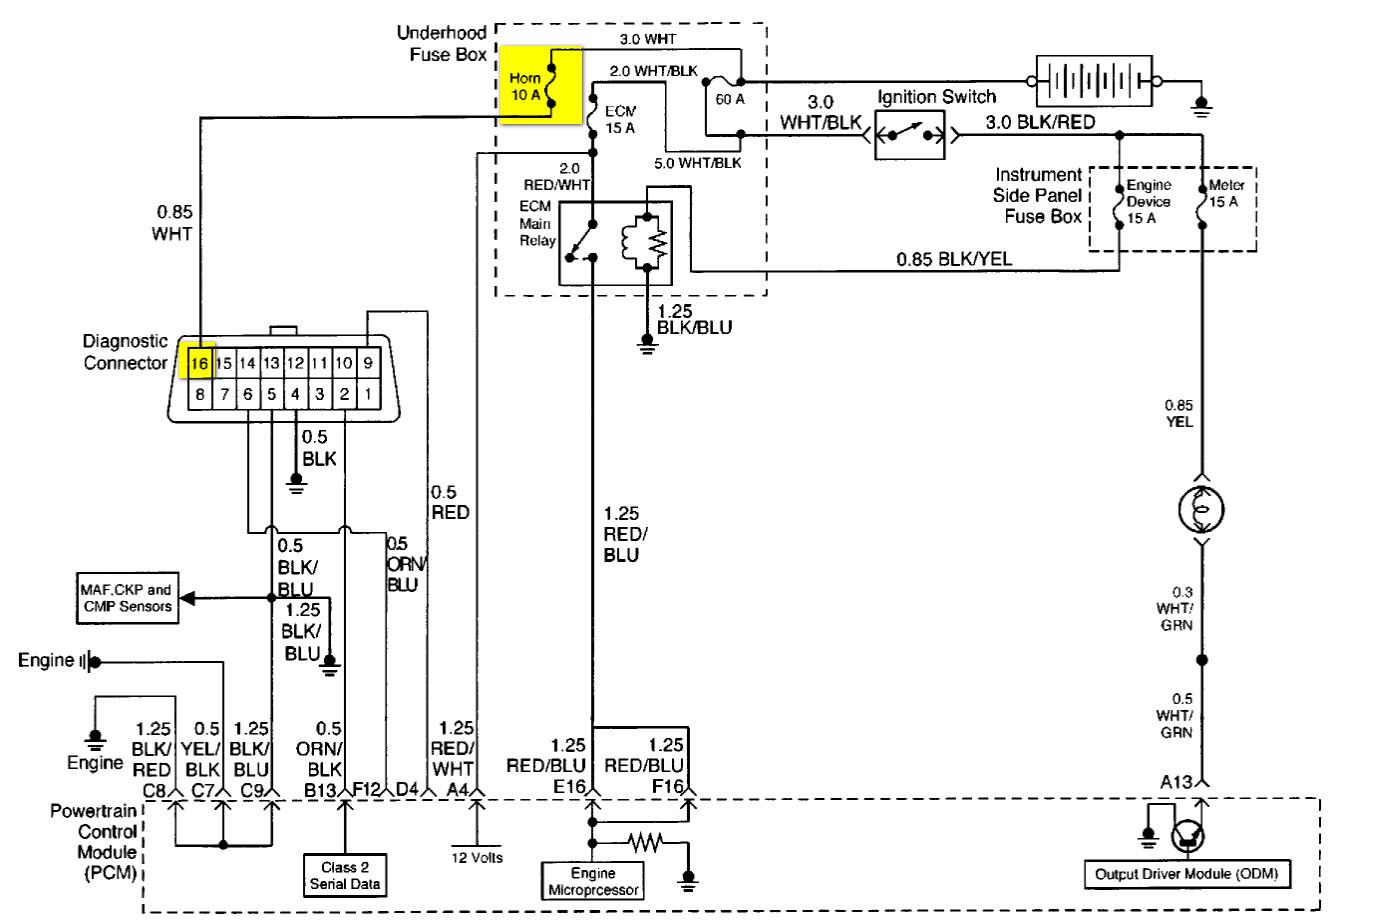 Surprising 2010 Prius Obd Ii Wiring Diagram Wiring Diagram Database Wiring Cloud Onicaxeromohammedshrineorg